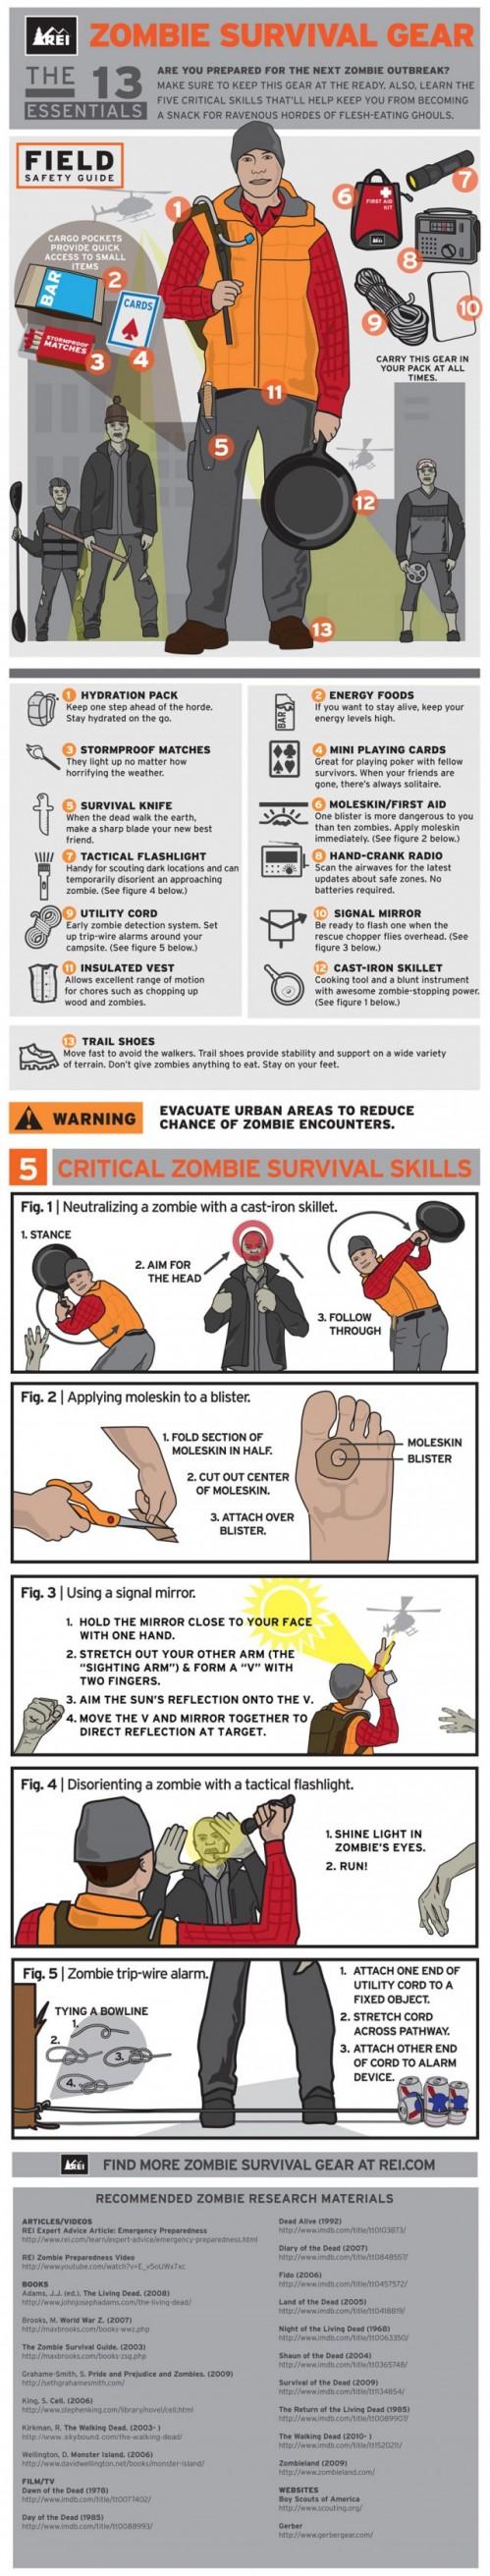 какие вещи понадобятся для выживания в зомбиапокалипсисе